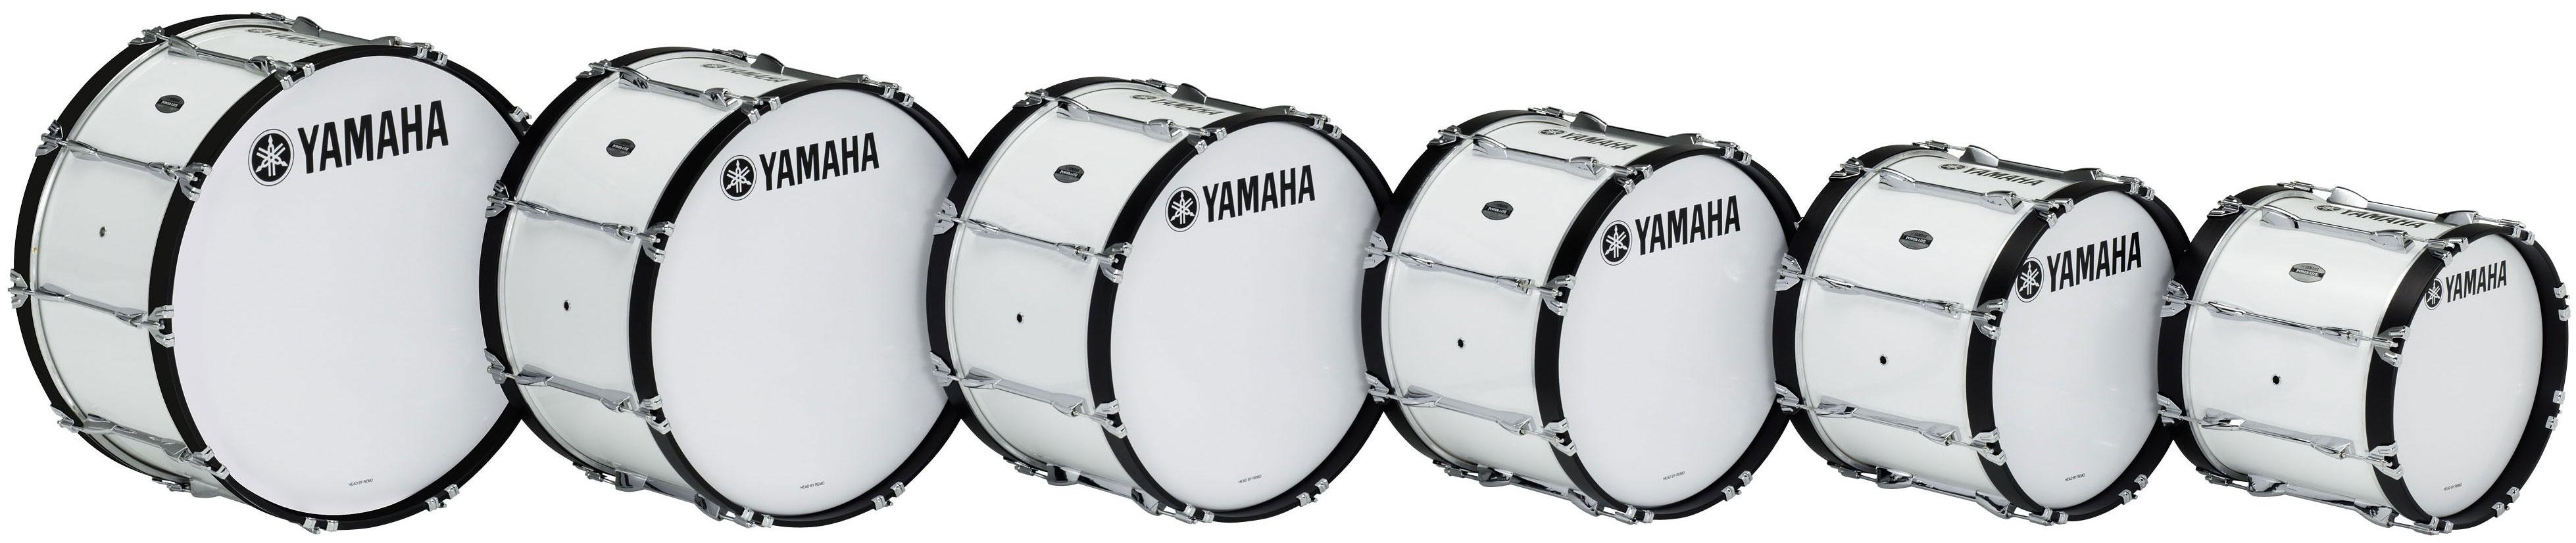 ヤマハ マーチングバスドラム MB-6322 ホワイト